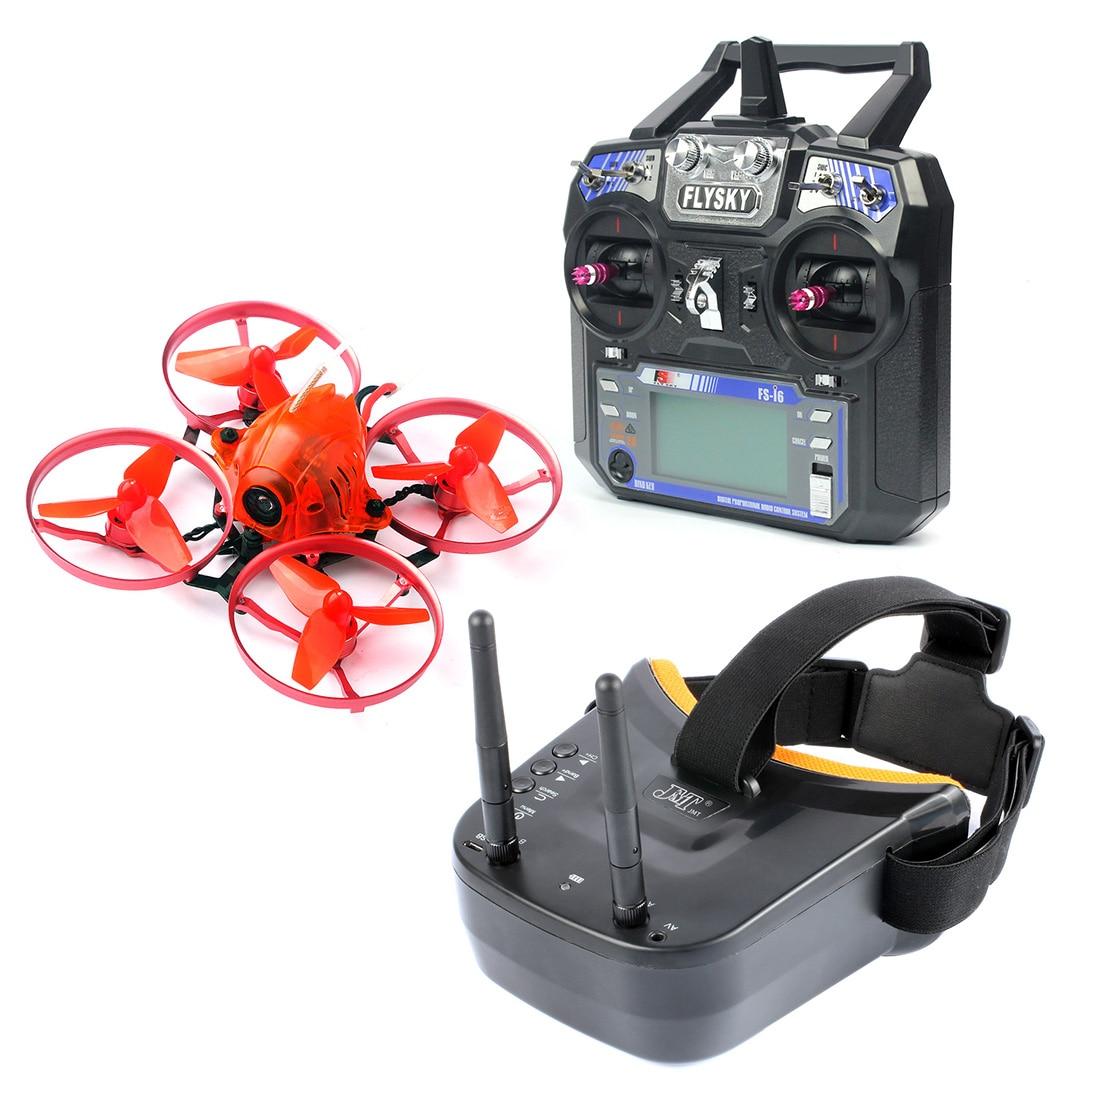 Snapper7 бесщеточный микро 75 мм 5,8 г FPV Racer Drone 2,4 г 6CH RC Quadcopter RTF 700TVL Камера VTX и двойной антенны мини очки